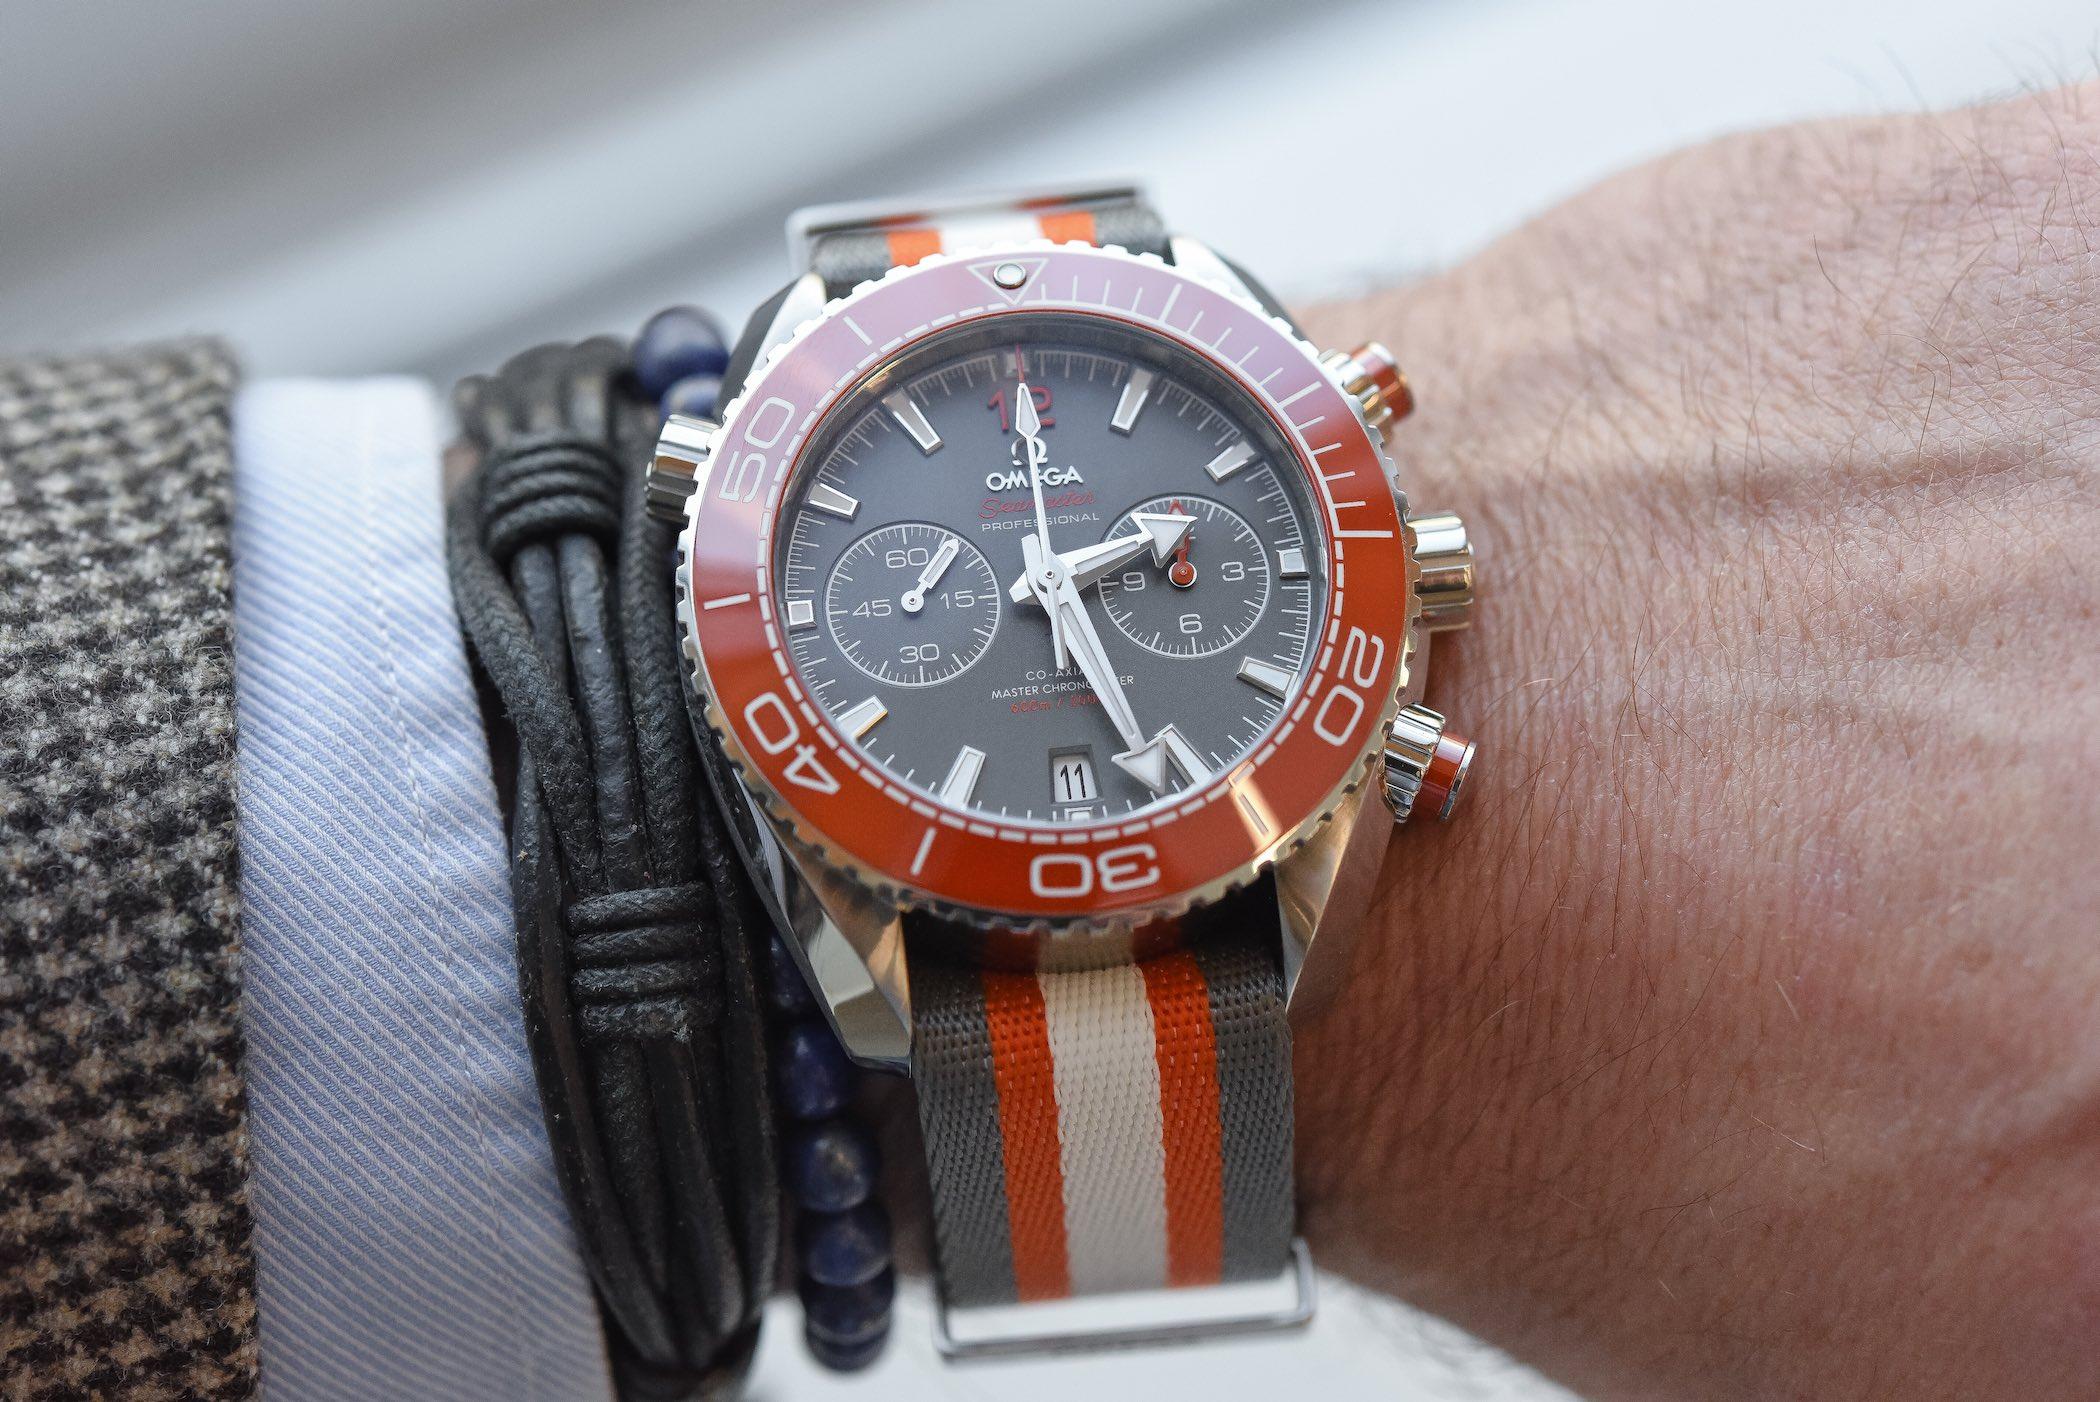 Omega Seamaster Planet Ocean 600m Chronograph Orange Ceramic Bezel and ceramised titanium dial - 215.32.46.51.99.001